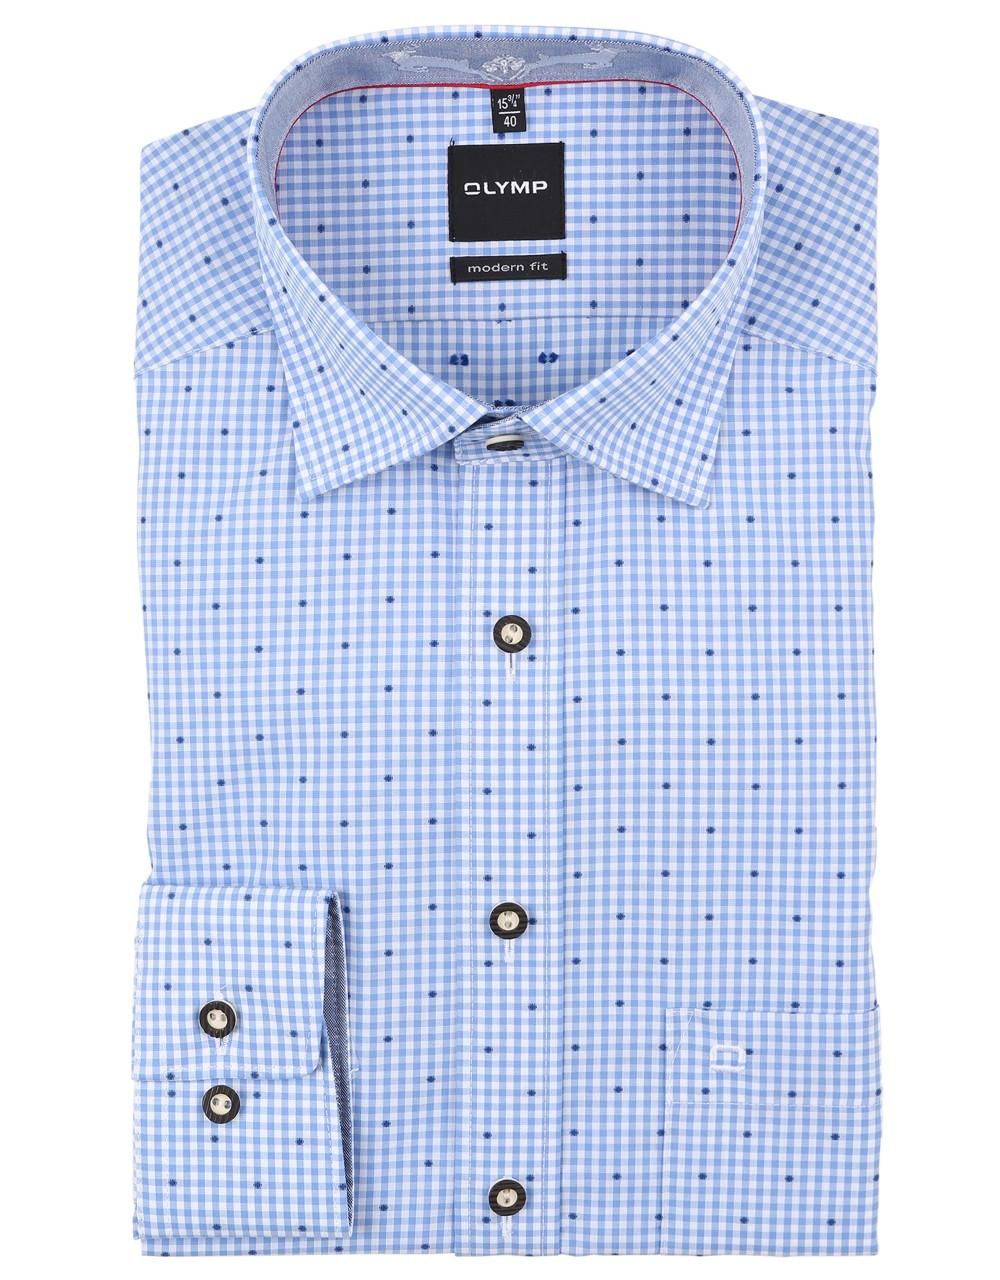 Chemise de Trachten Olymp bleue/blanche à carreaux